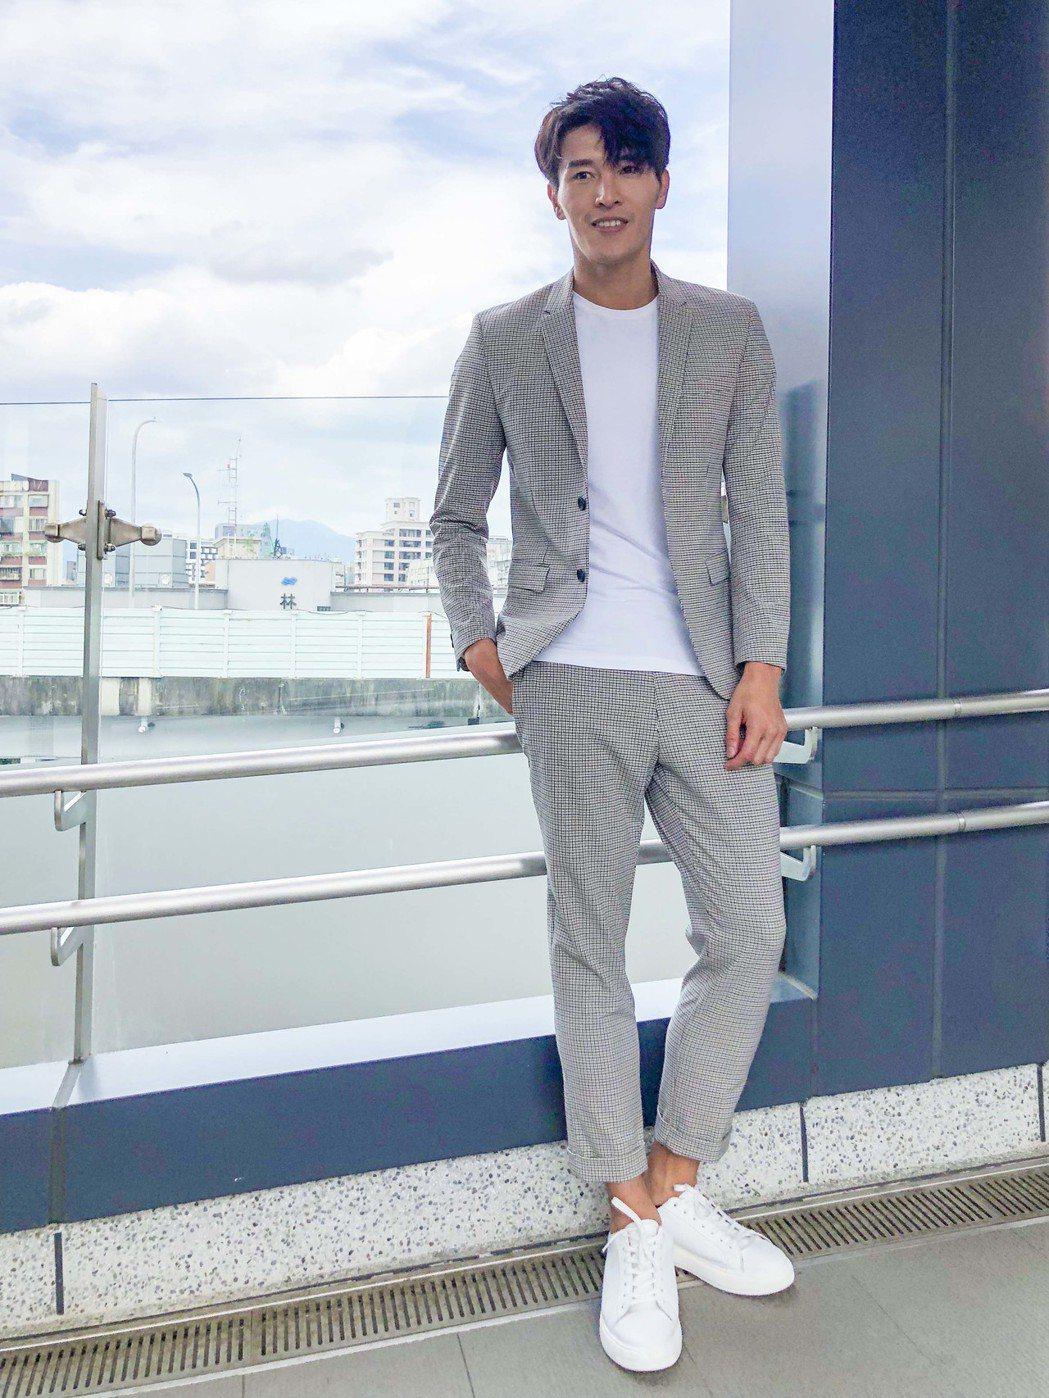 陳禕倫擁有俊俏外表,模特兒出身的他,對於身材管理律己甚嚴。圖/凱渥提供